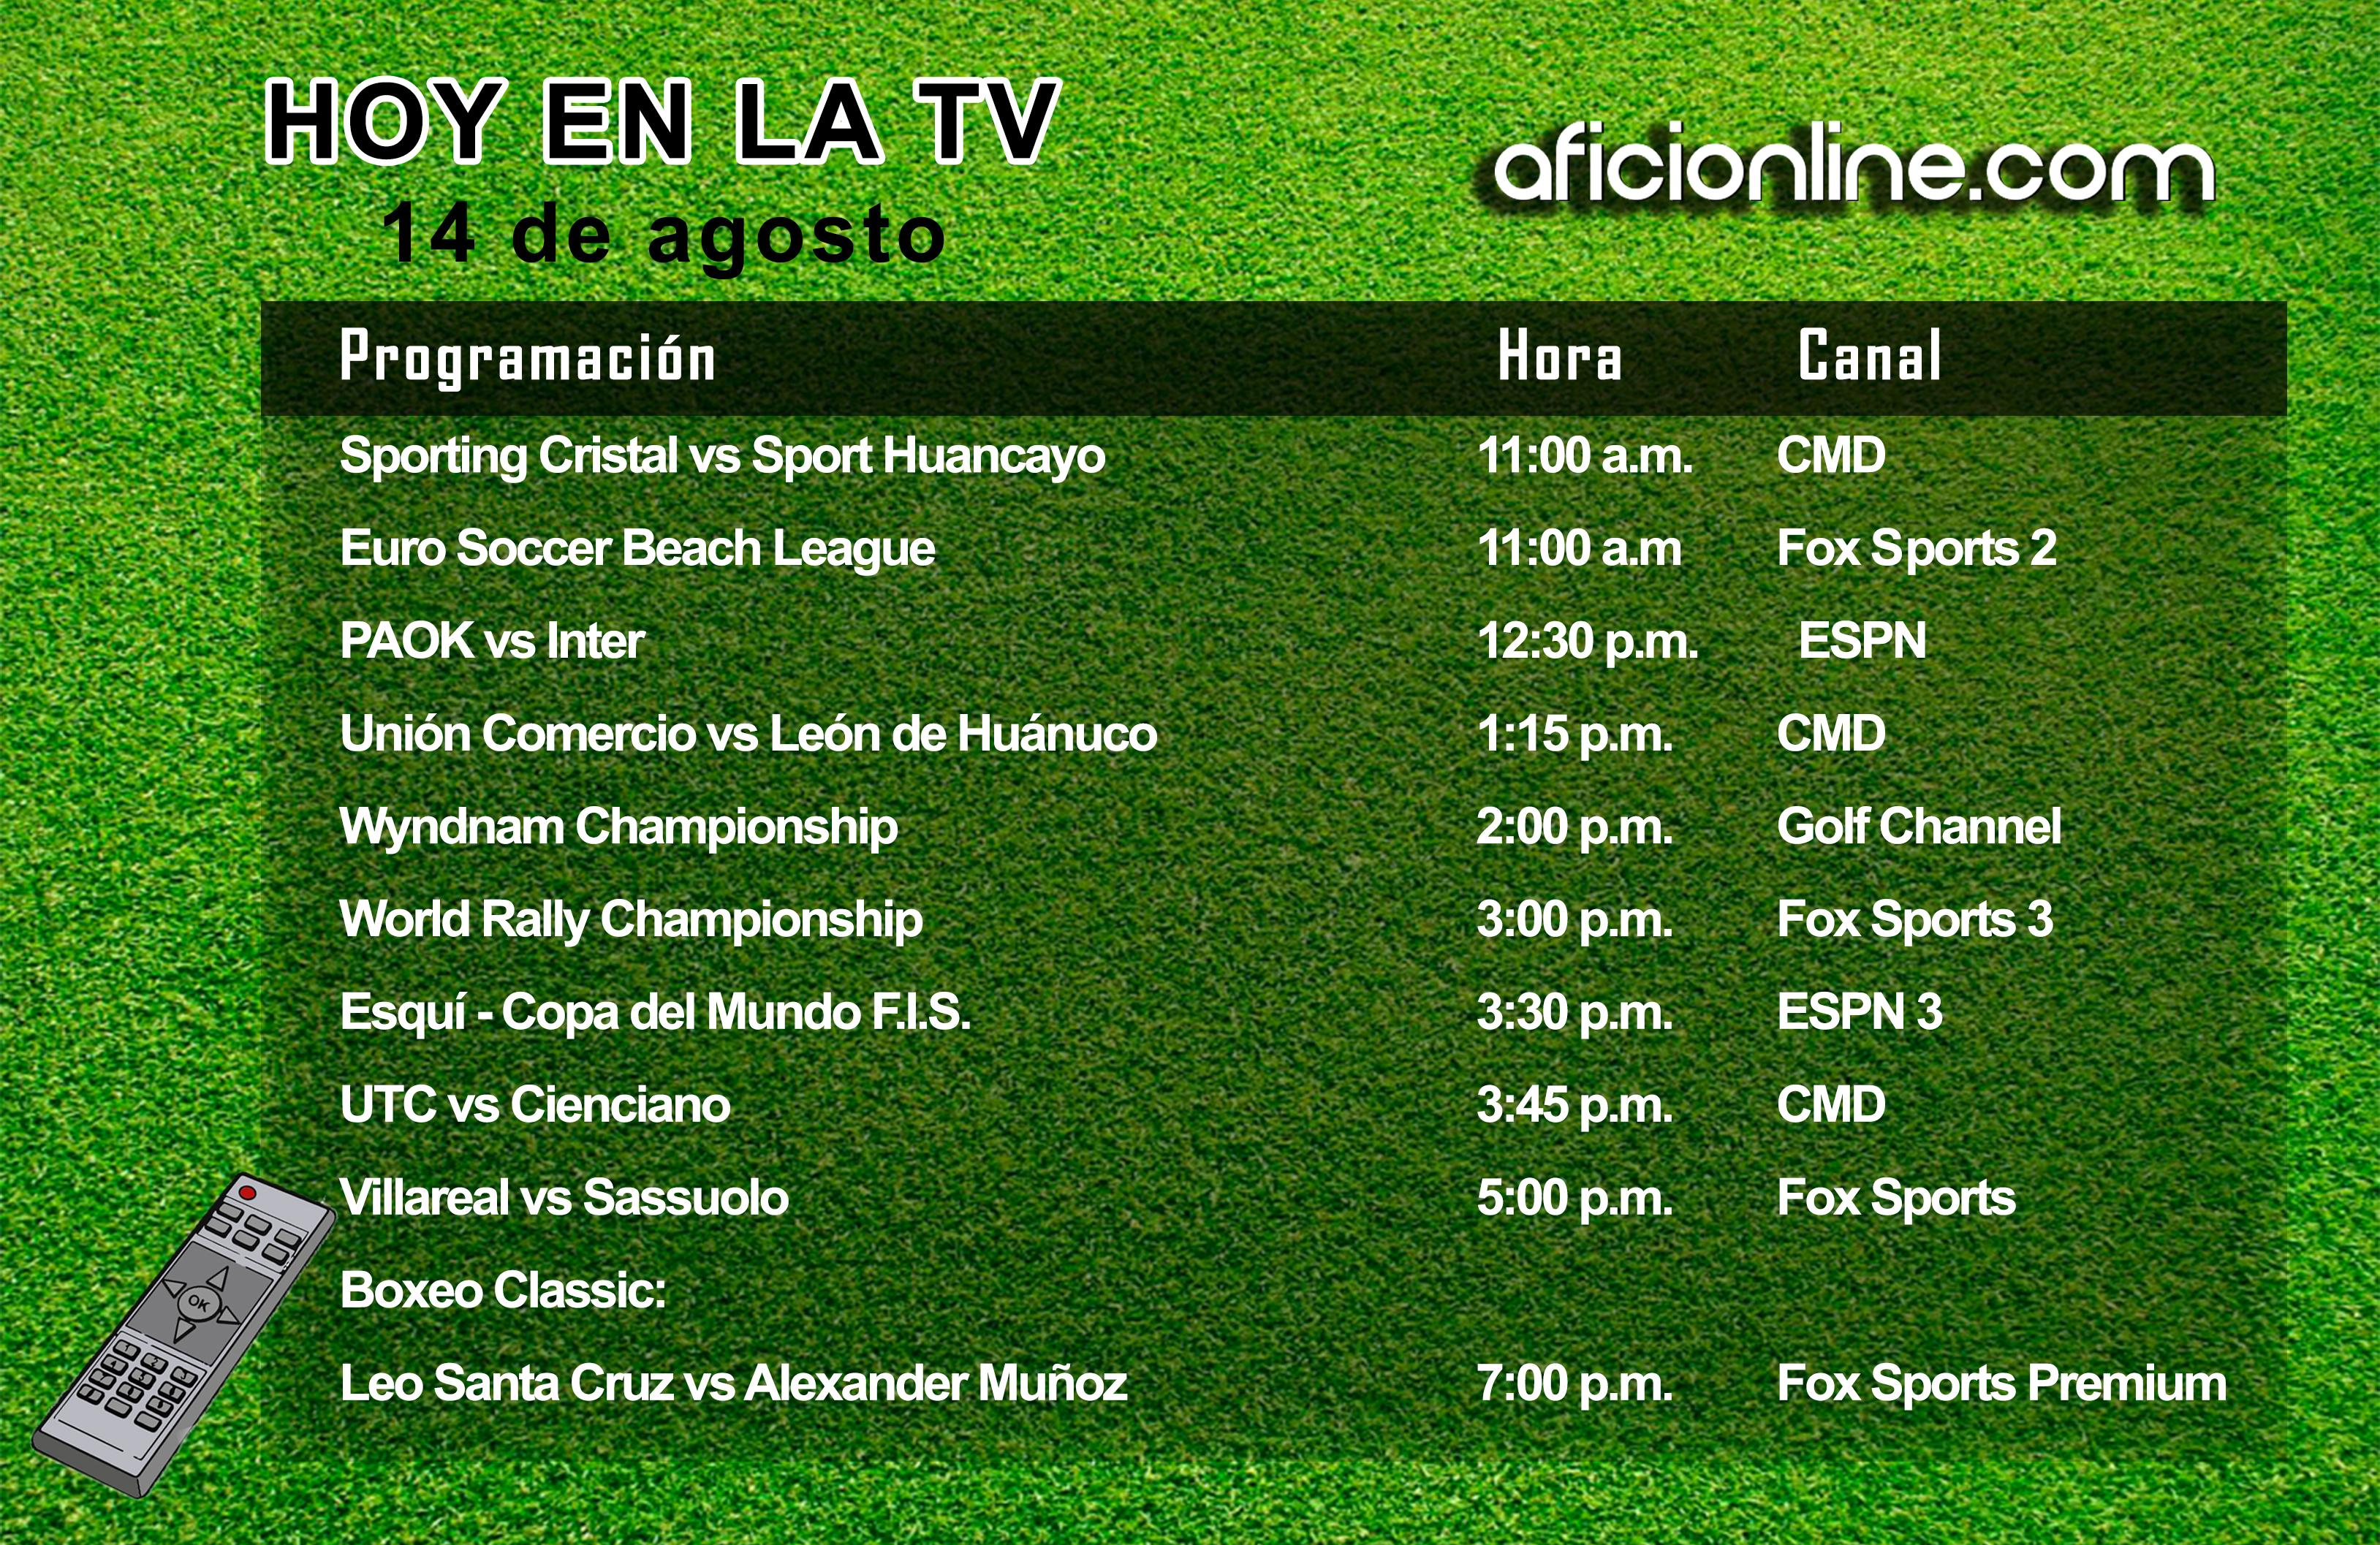 Programación televisiva del jueves 14 de agosto (Gráfica: Johnny López / Aficionline.com).